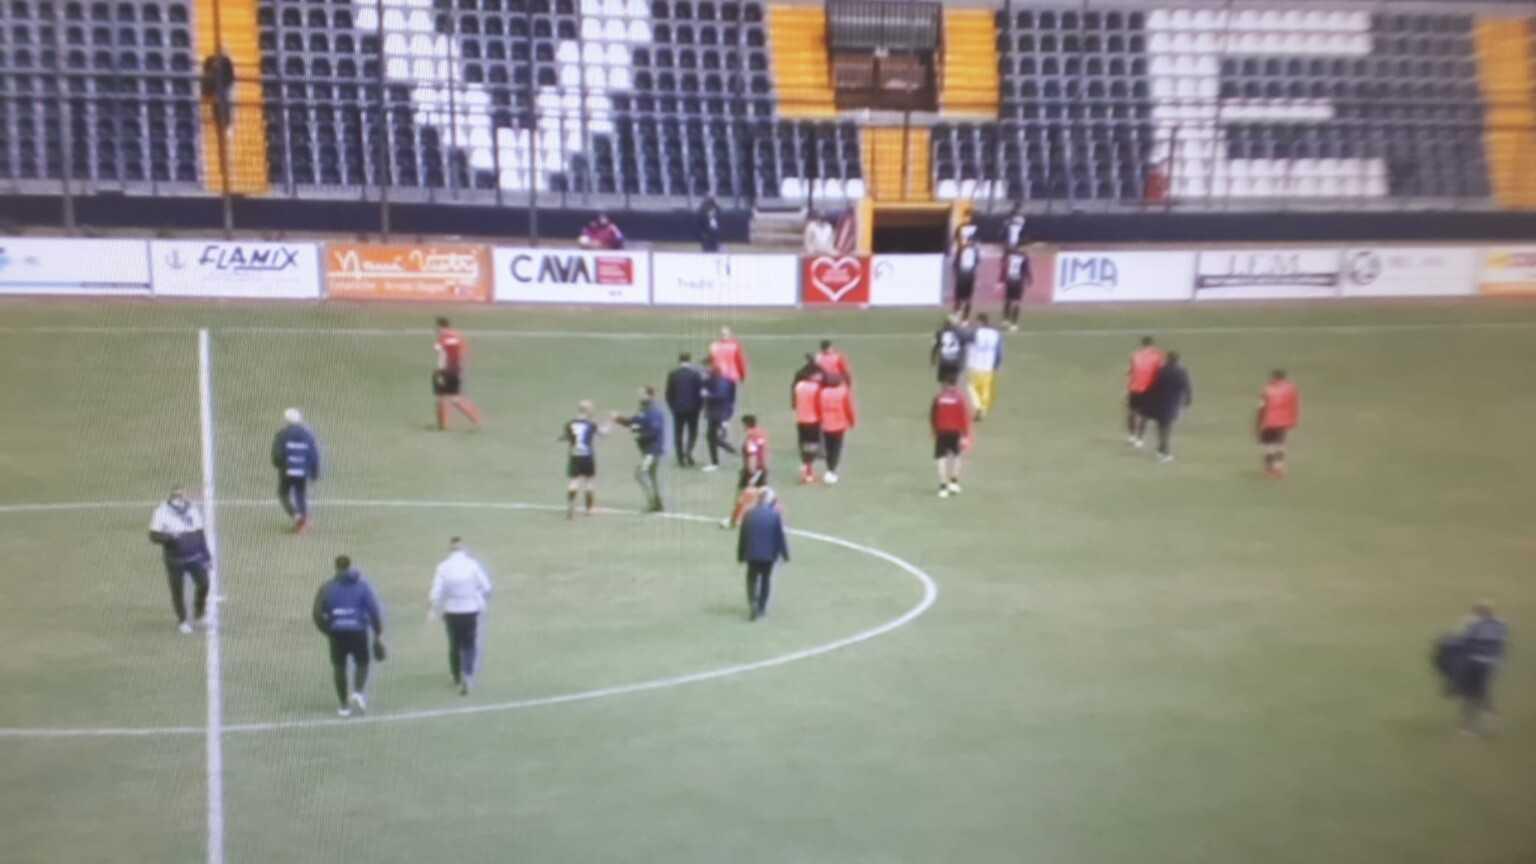 """Calcio C, a Cava dei Tirreni """"nz po perd"""" ma il Teramo ci riesce (1-0)"""